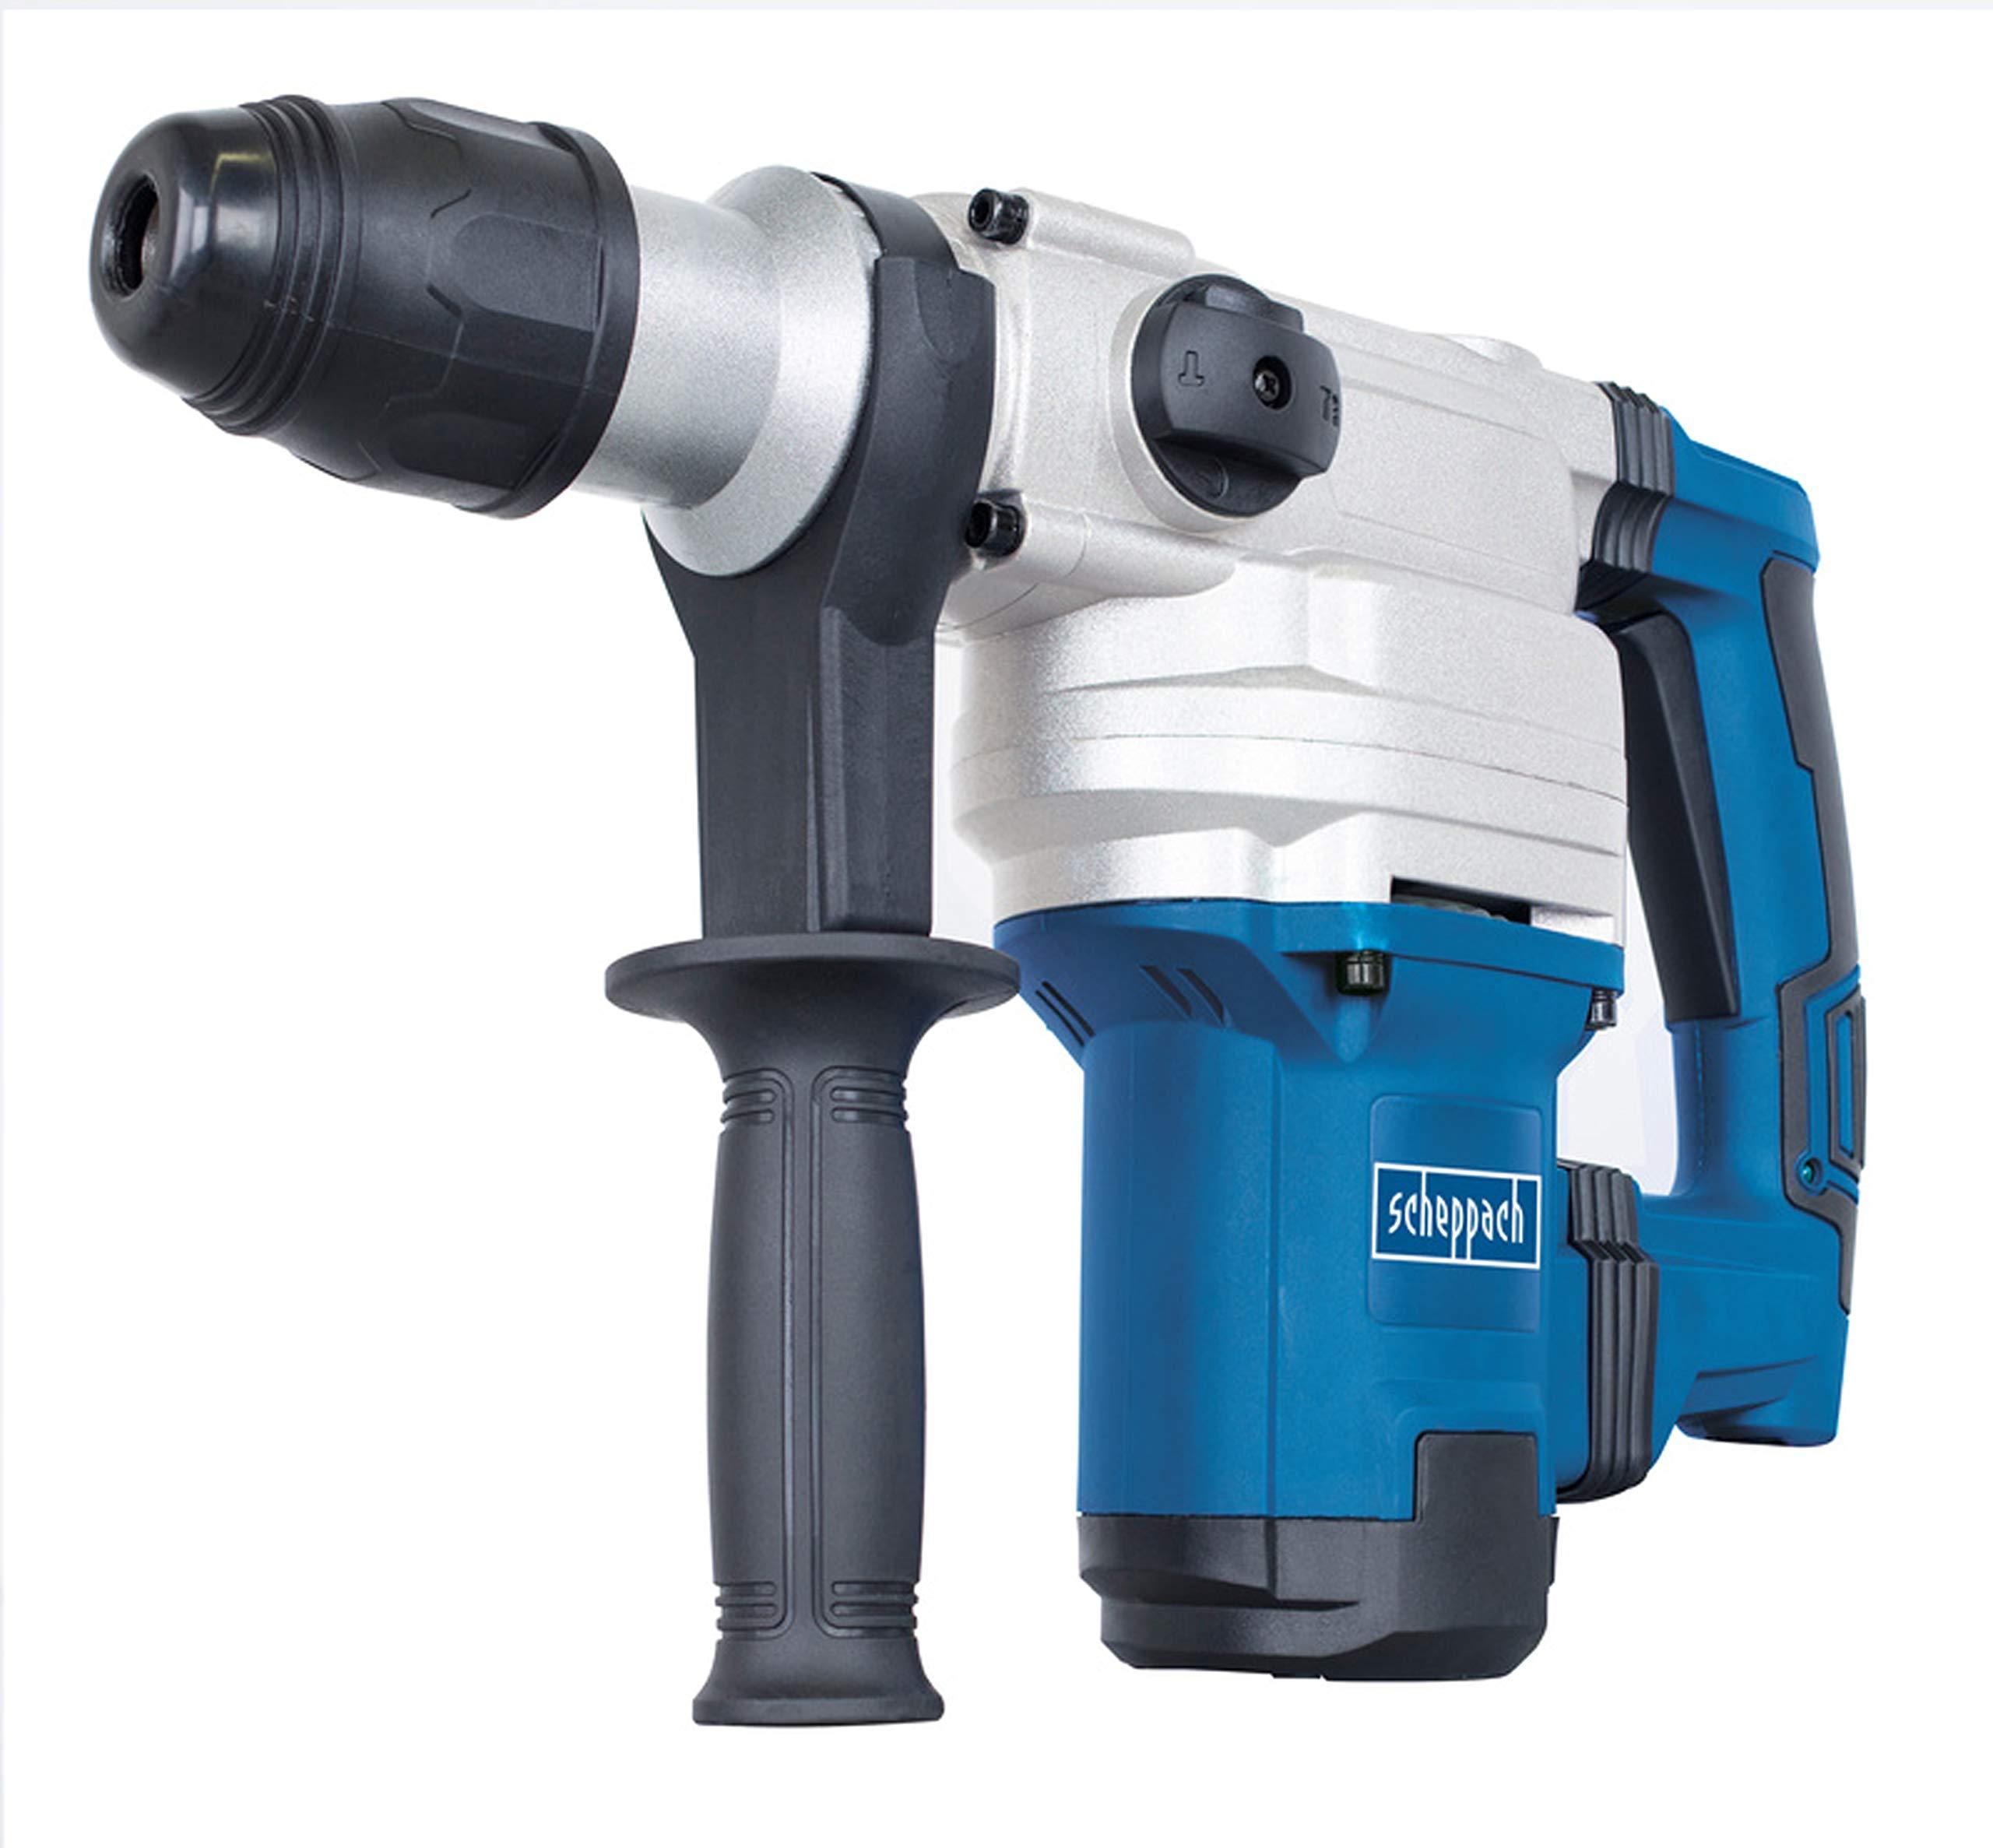 Scheppach Bohrhammer DH1200Max (Schlaghammer mit 1050 W, 9 Joule, SDS max Aufnahme, Drehzahl 480 min-1, Bohrleistung im…